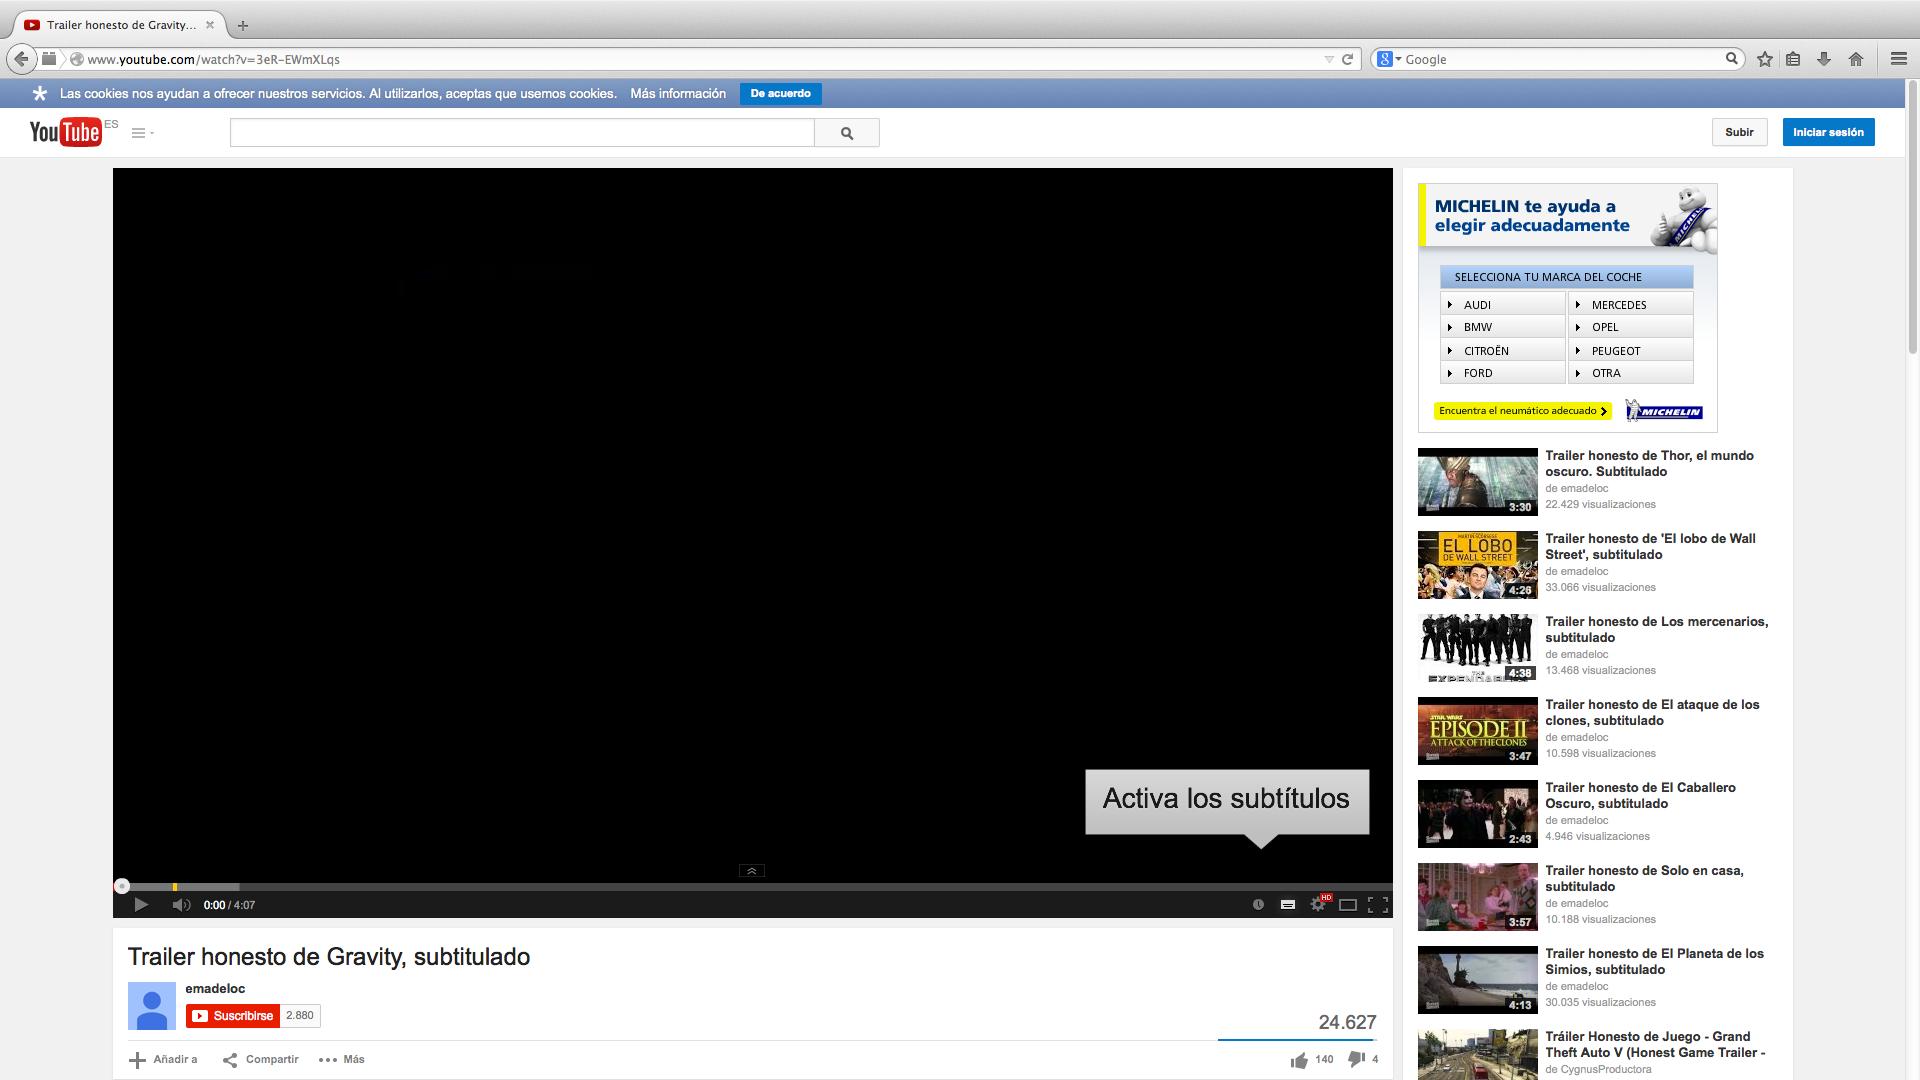 para descargar videos de youtube agregar ss